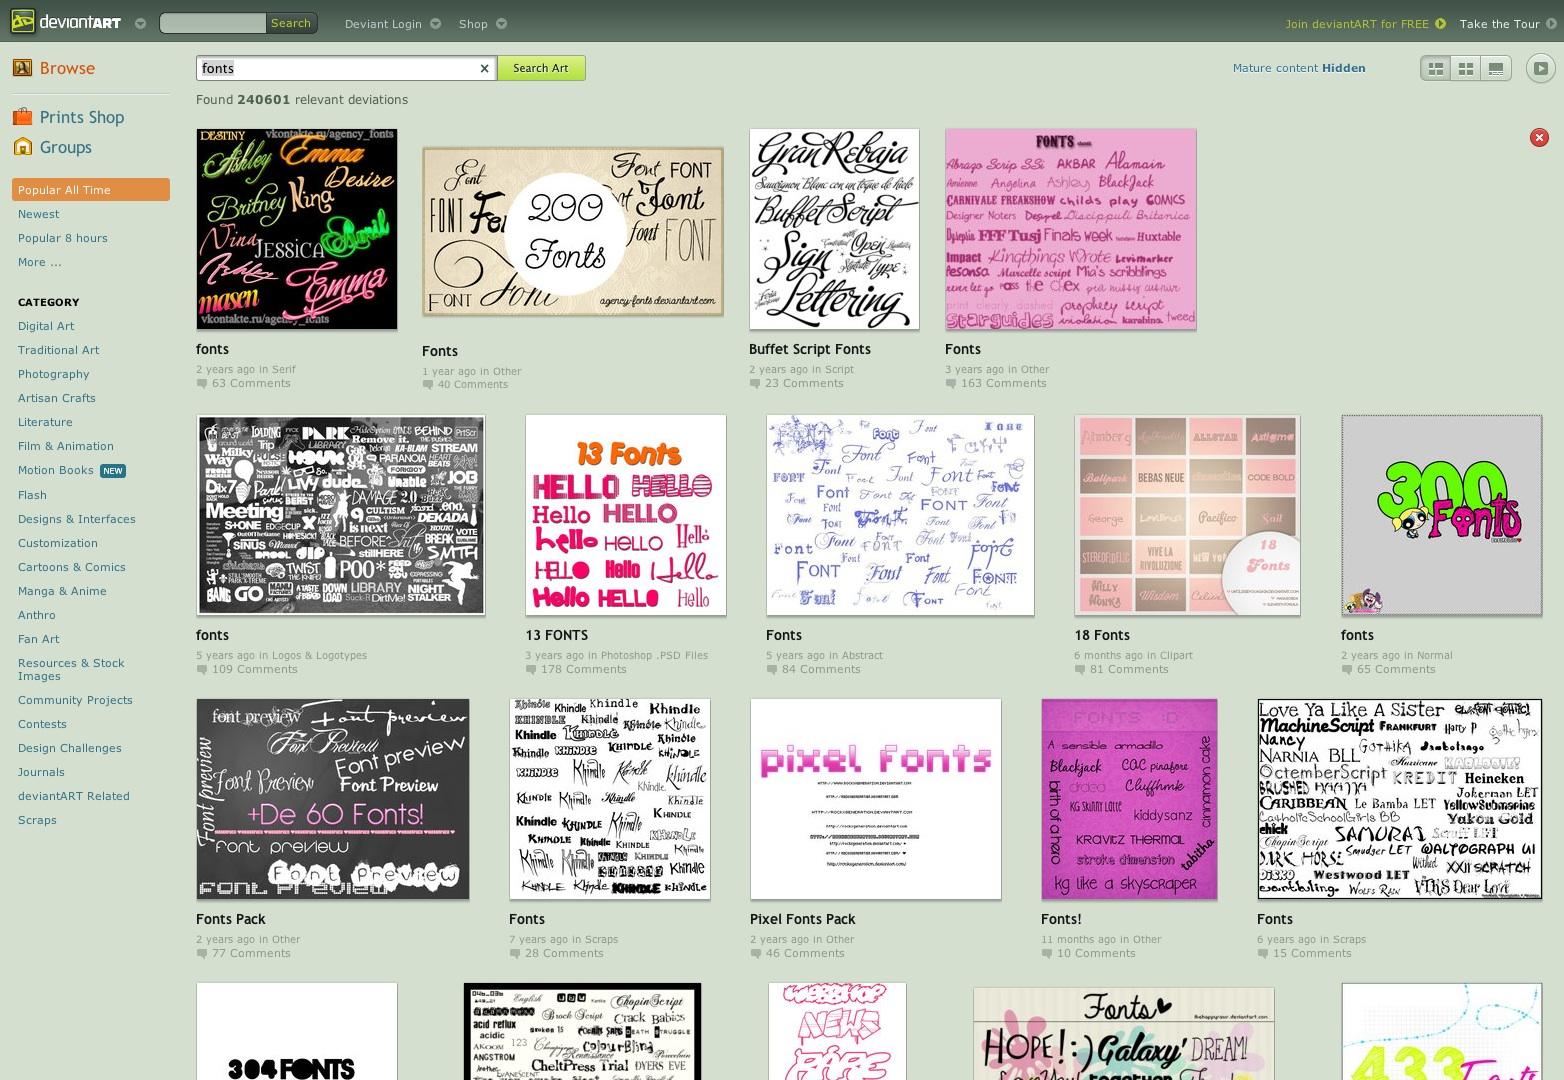 http---browse.deviantart.com-?q=fonts (20130612)